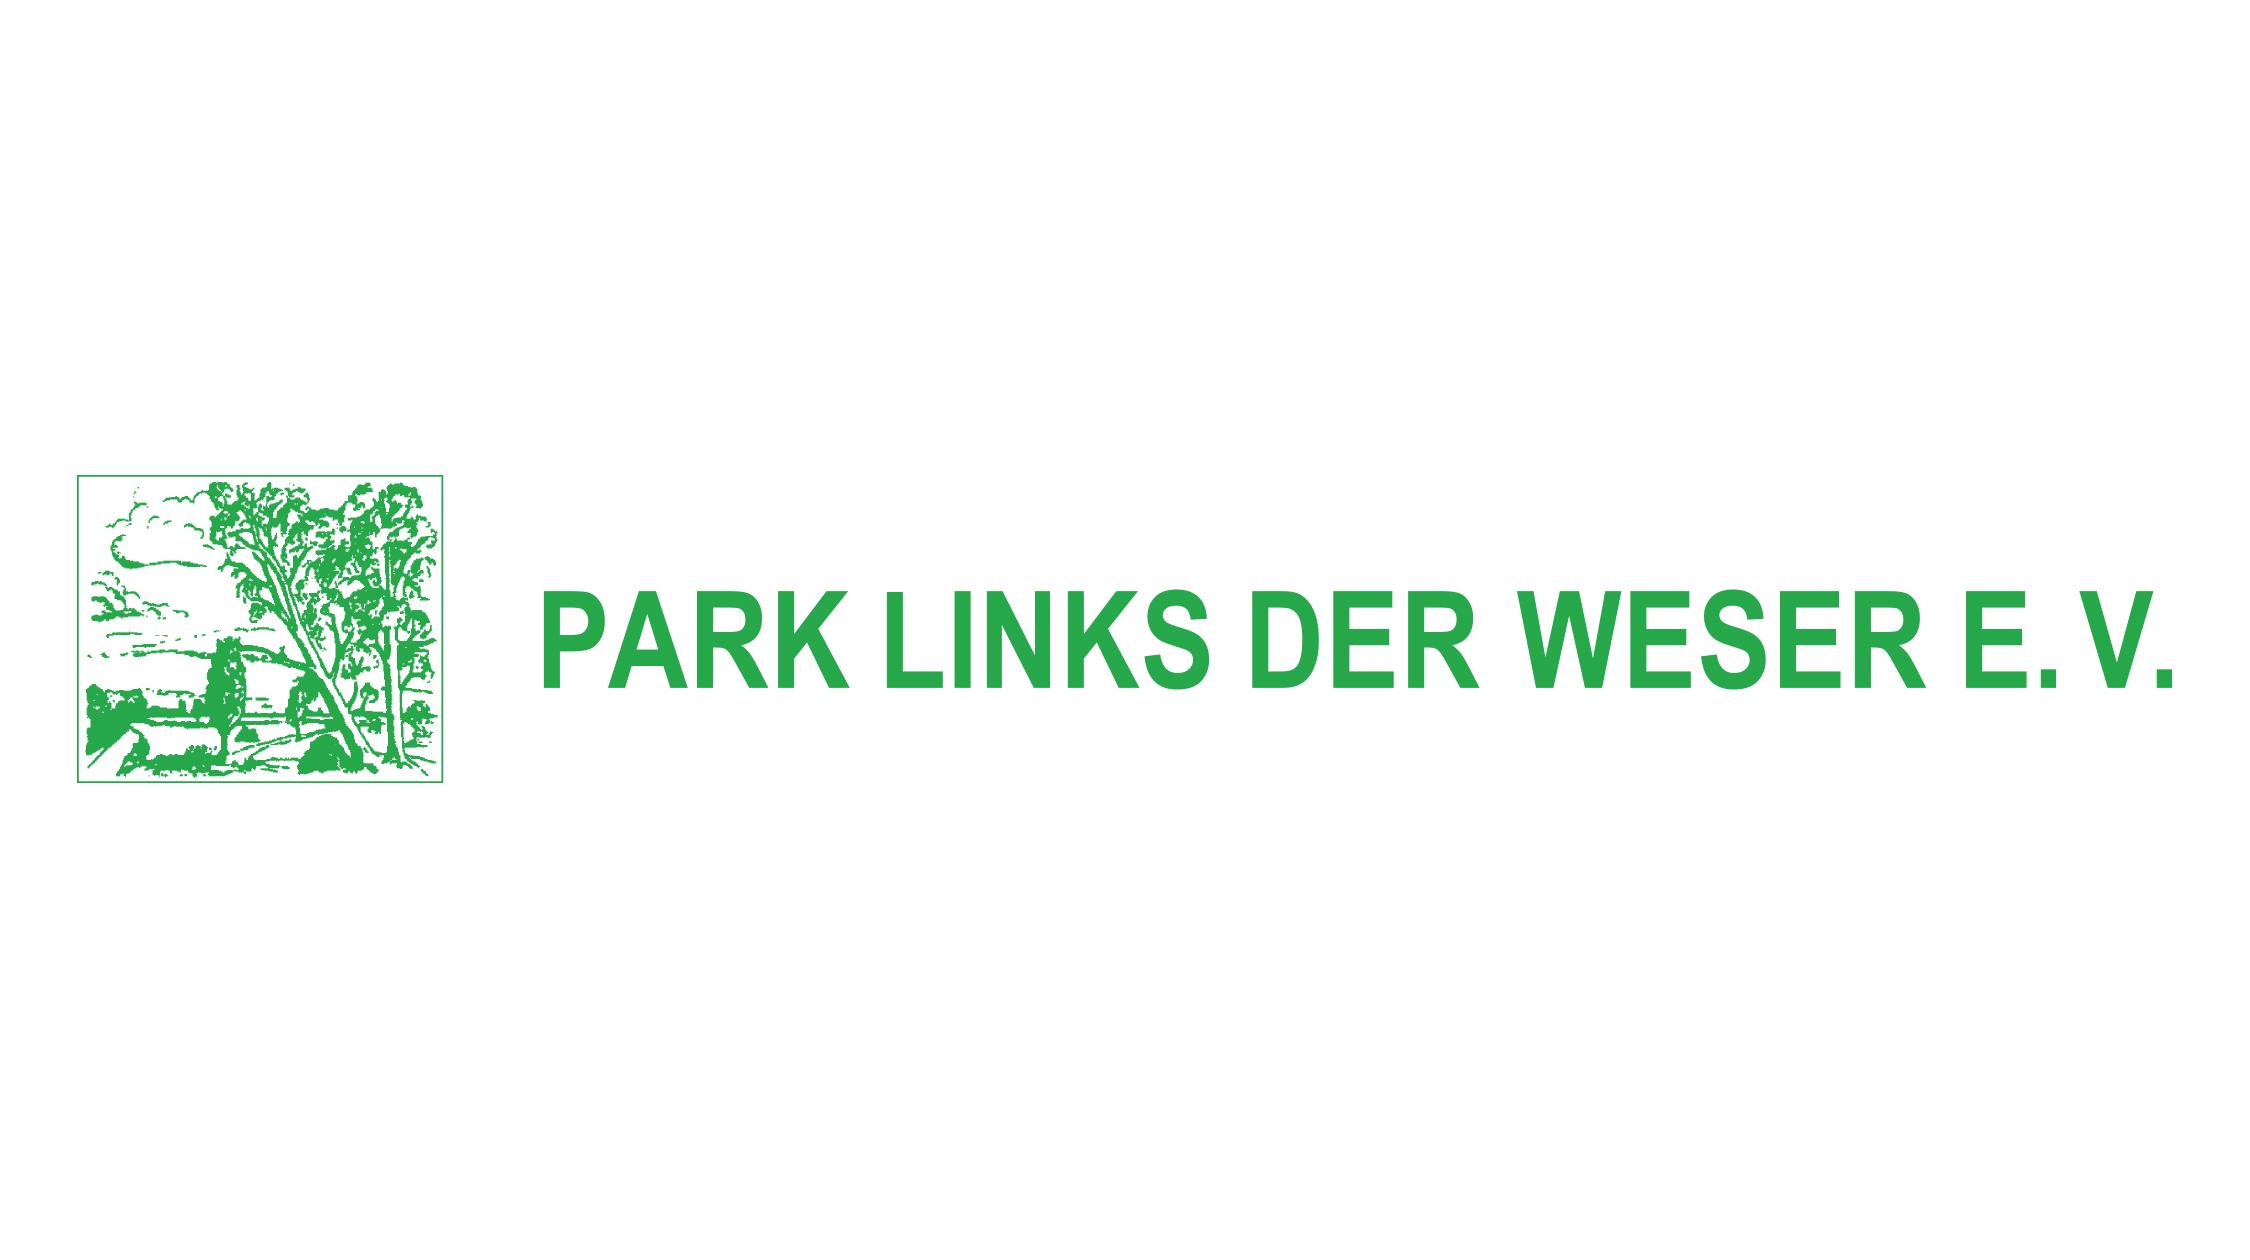 Park Linkd der Weser e. V.